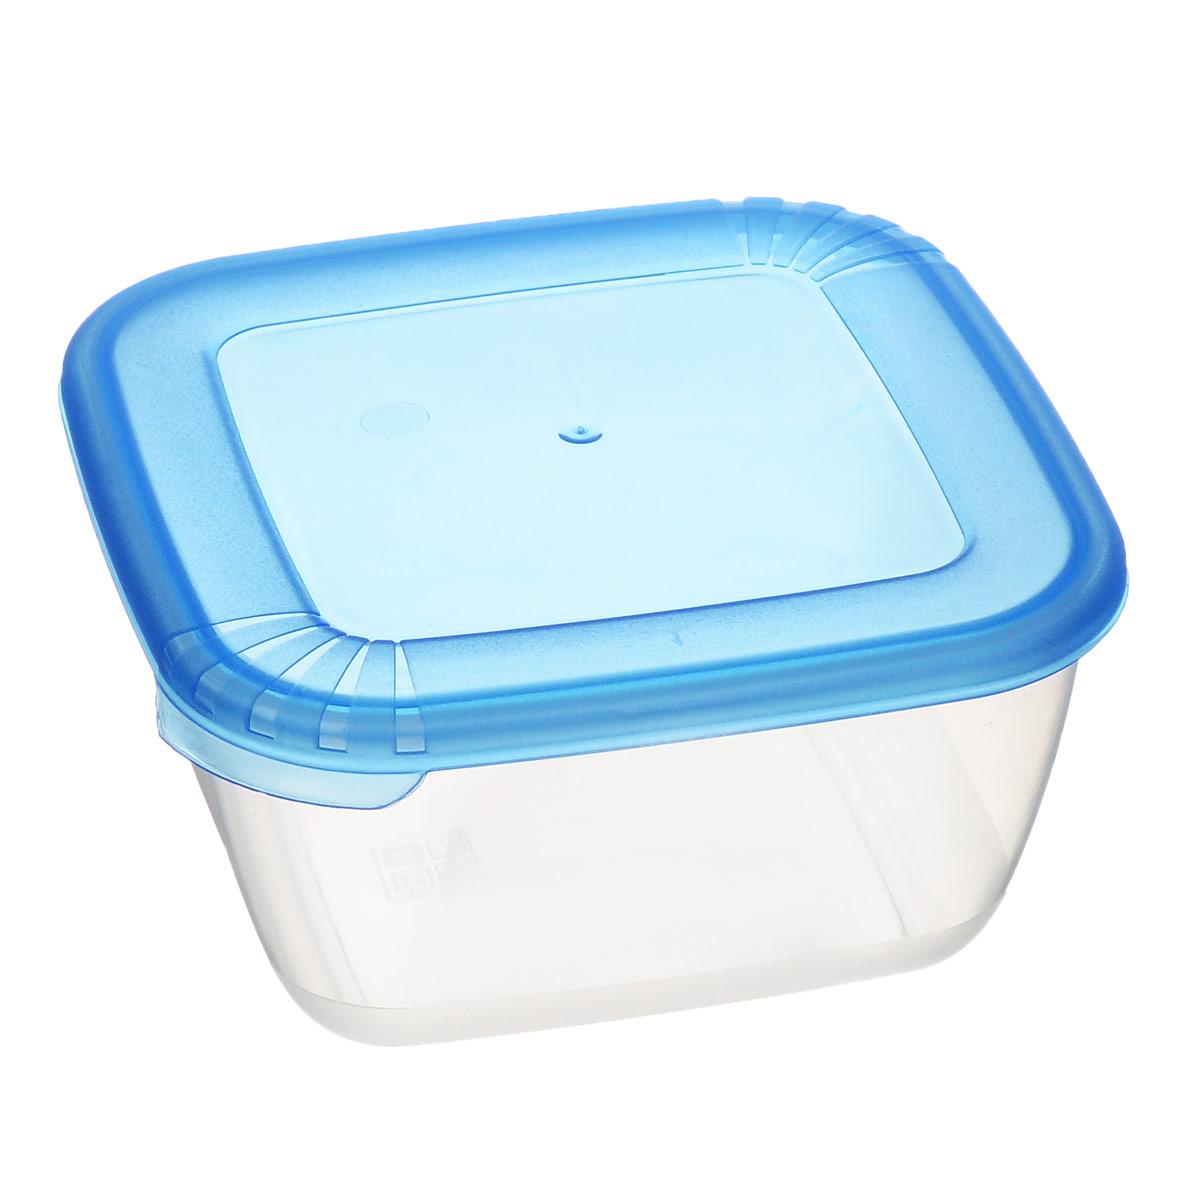 """Квадратный контейнер для СВЧ Полимербыт """"Лайт"""" изготовлен из высококачественного прочного пластика, устойчивого к высоким температурам до +120°С. Яркая цветная крышка плотно закрывается, дольше сохраняя продукты свежими и вкусными. Контейнер идеально подходит для хранения пищи, его удобно брать с собой на работу, учебу, пикник или просто использовать для хранения пищи в холодильнике. Можно использовать в микроволновой печи и для заморозки в морозильной камере при минимальной температуре -40°С. Можно мыть в посудомоечной машине."""